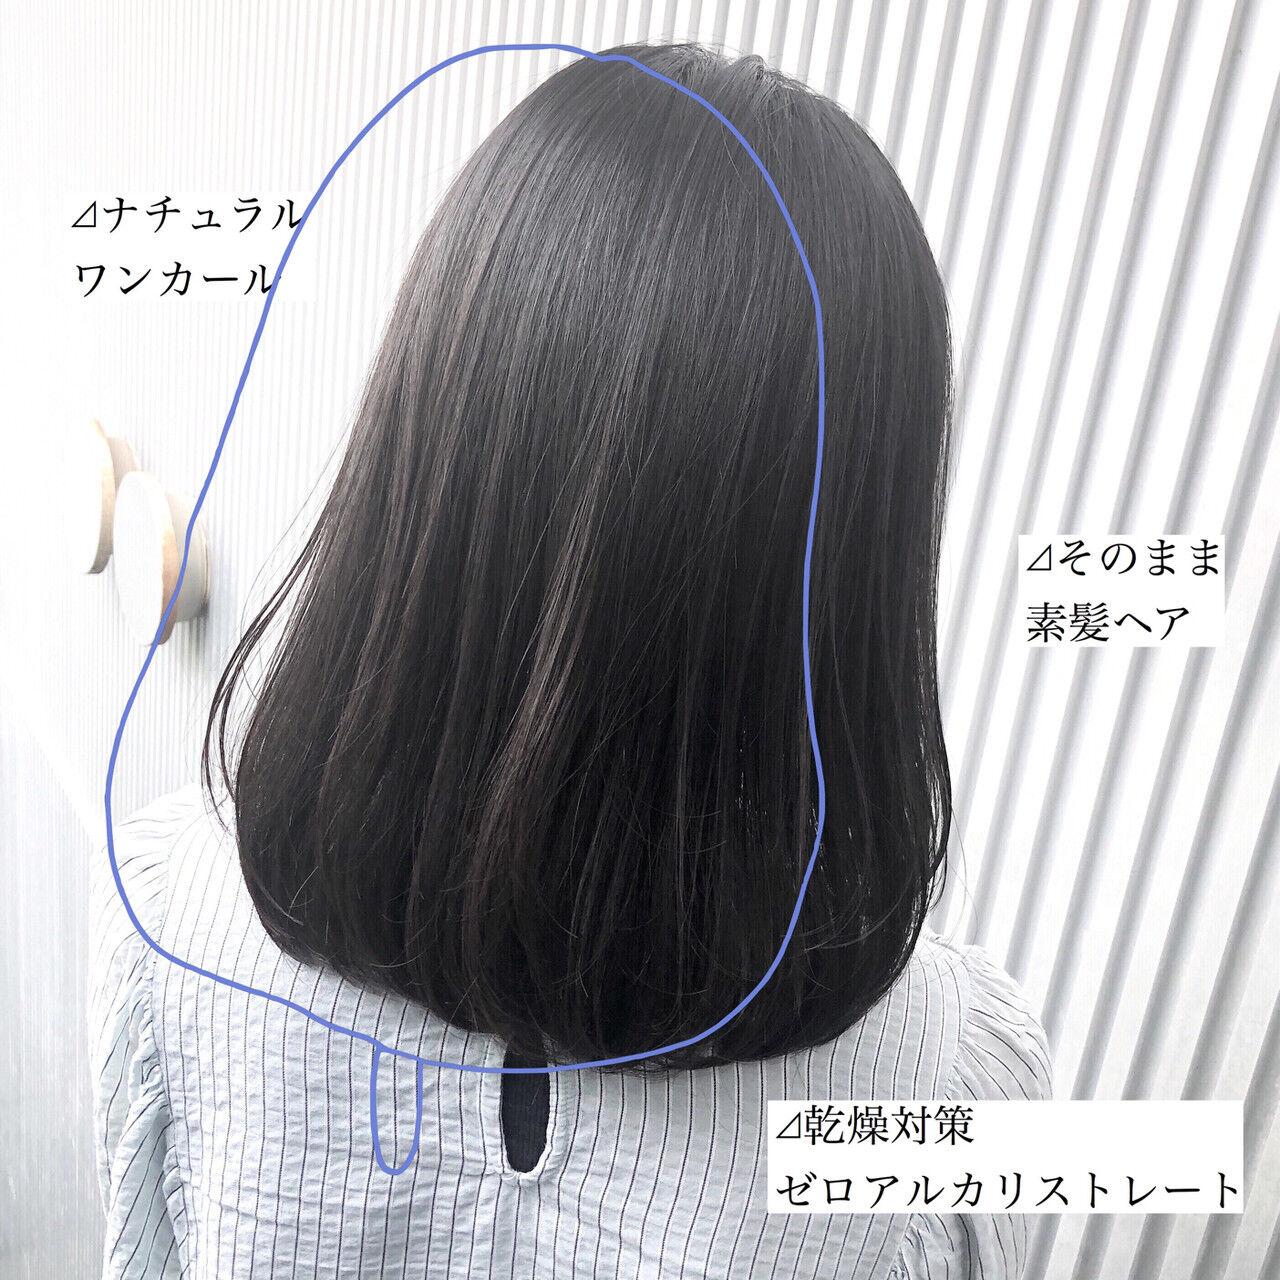 ミディアム 前髪 ストレート 縮毛矯正ヘアスタイルや髪型の写真・画像